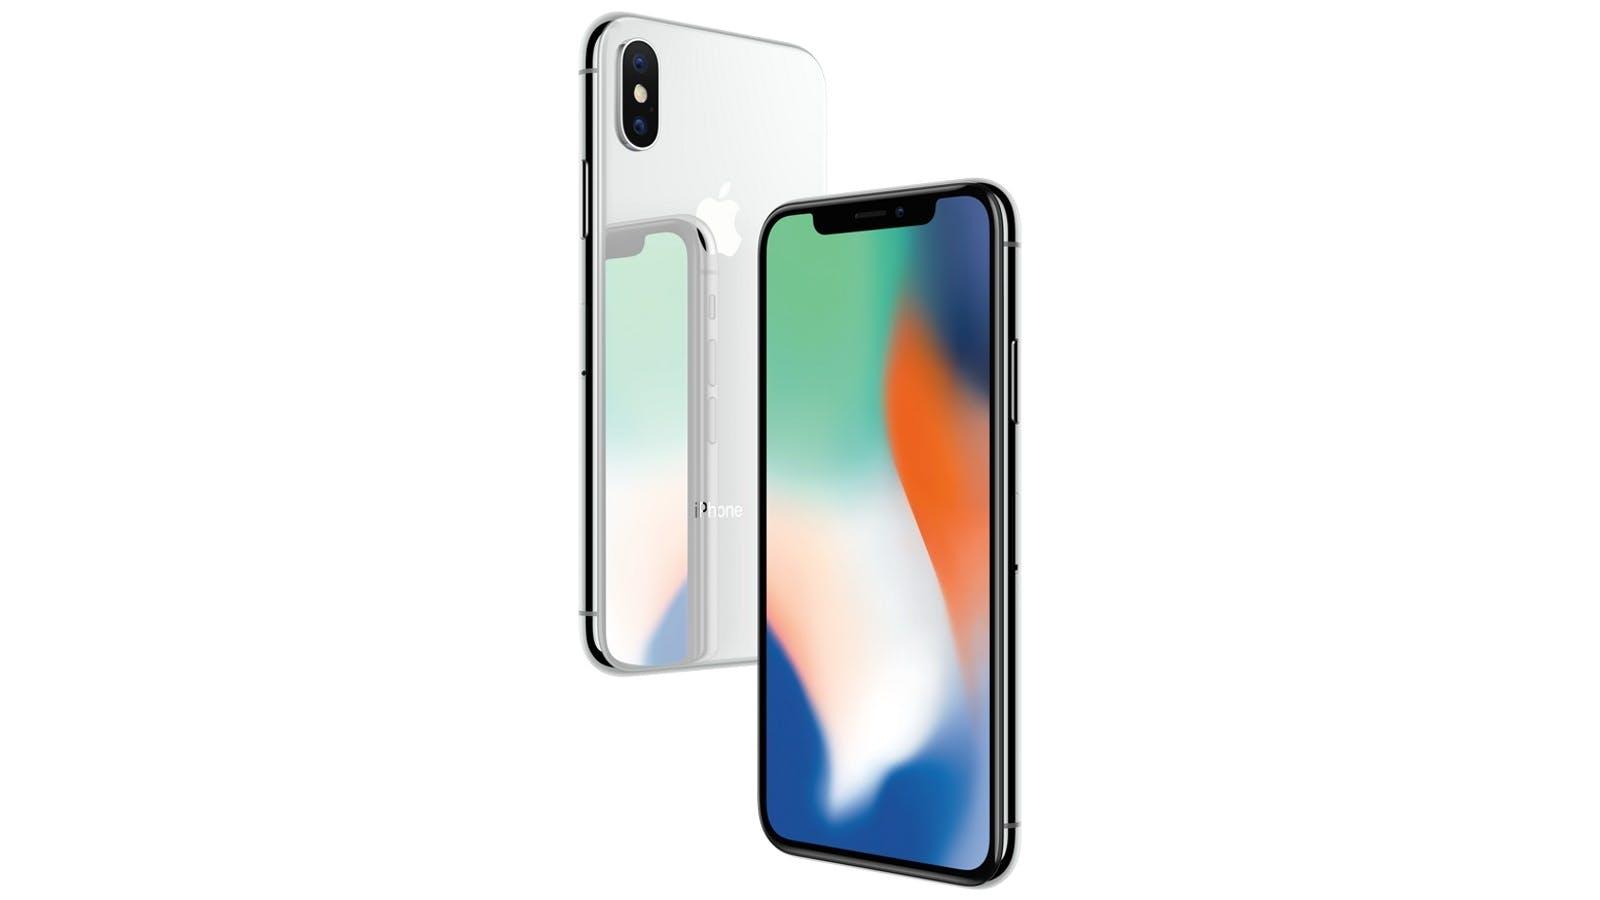 Permintaan Meningkat, Produksi iPhone X Naik Drastis